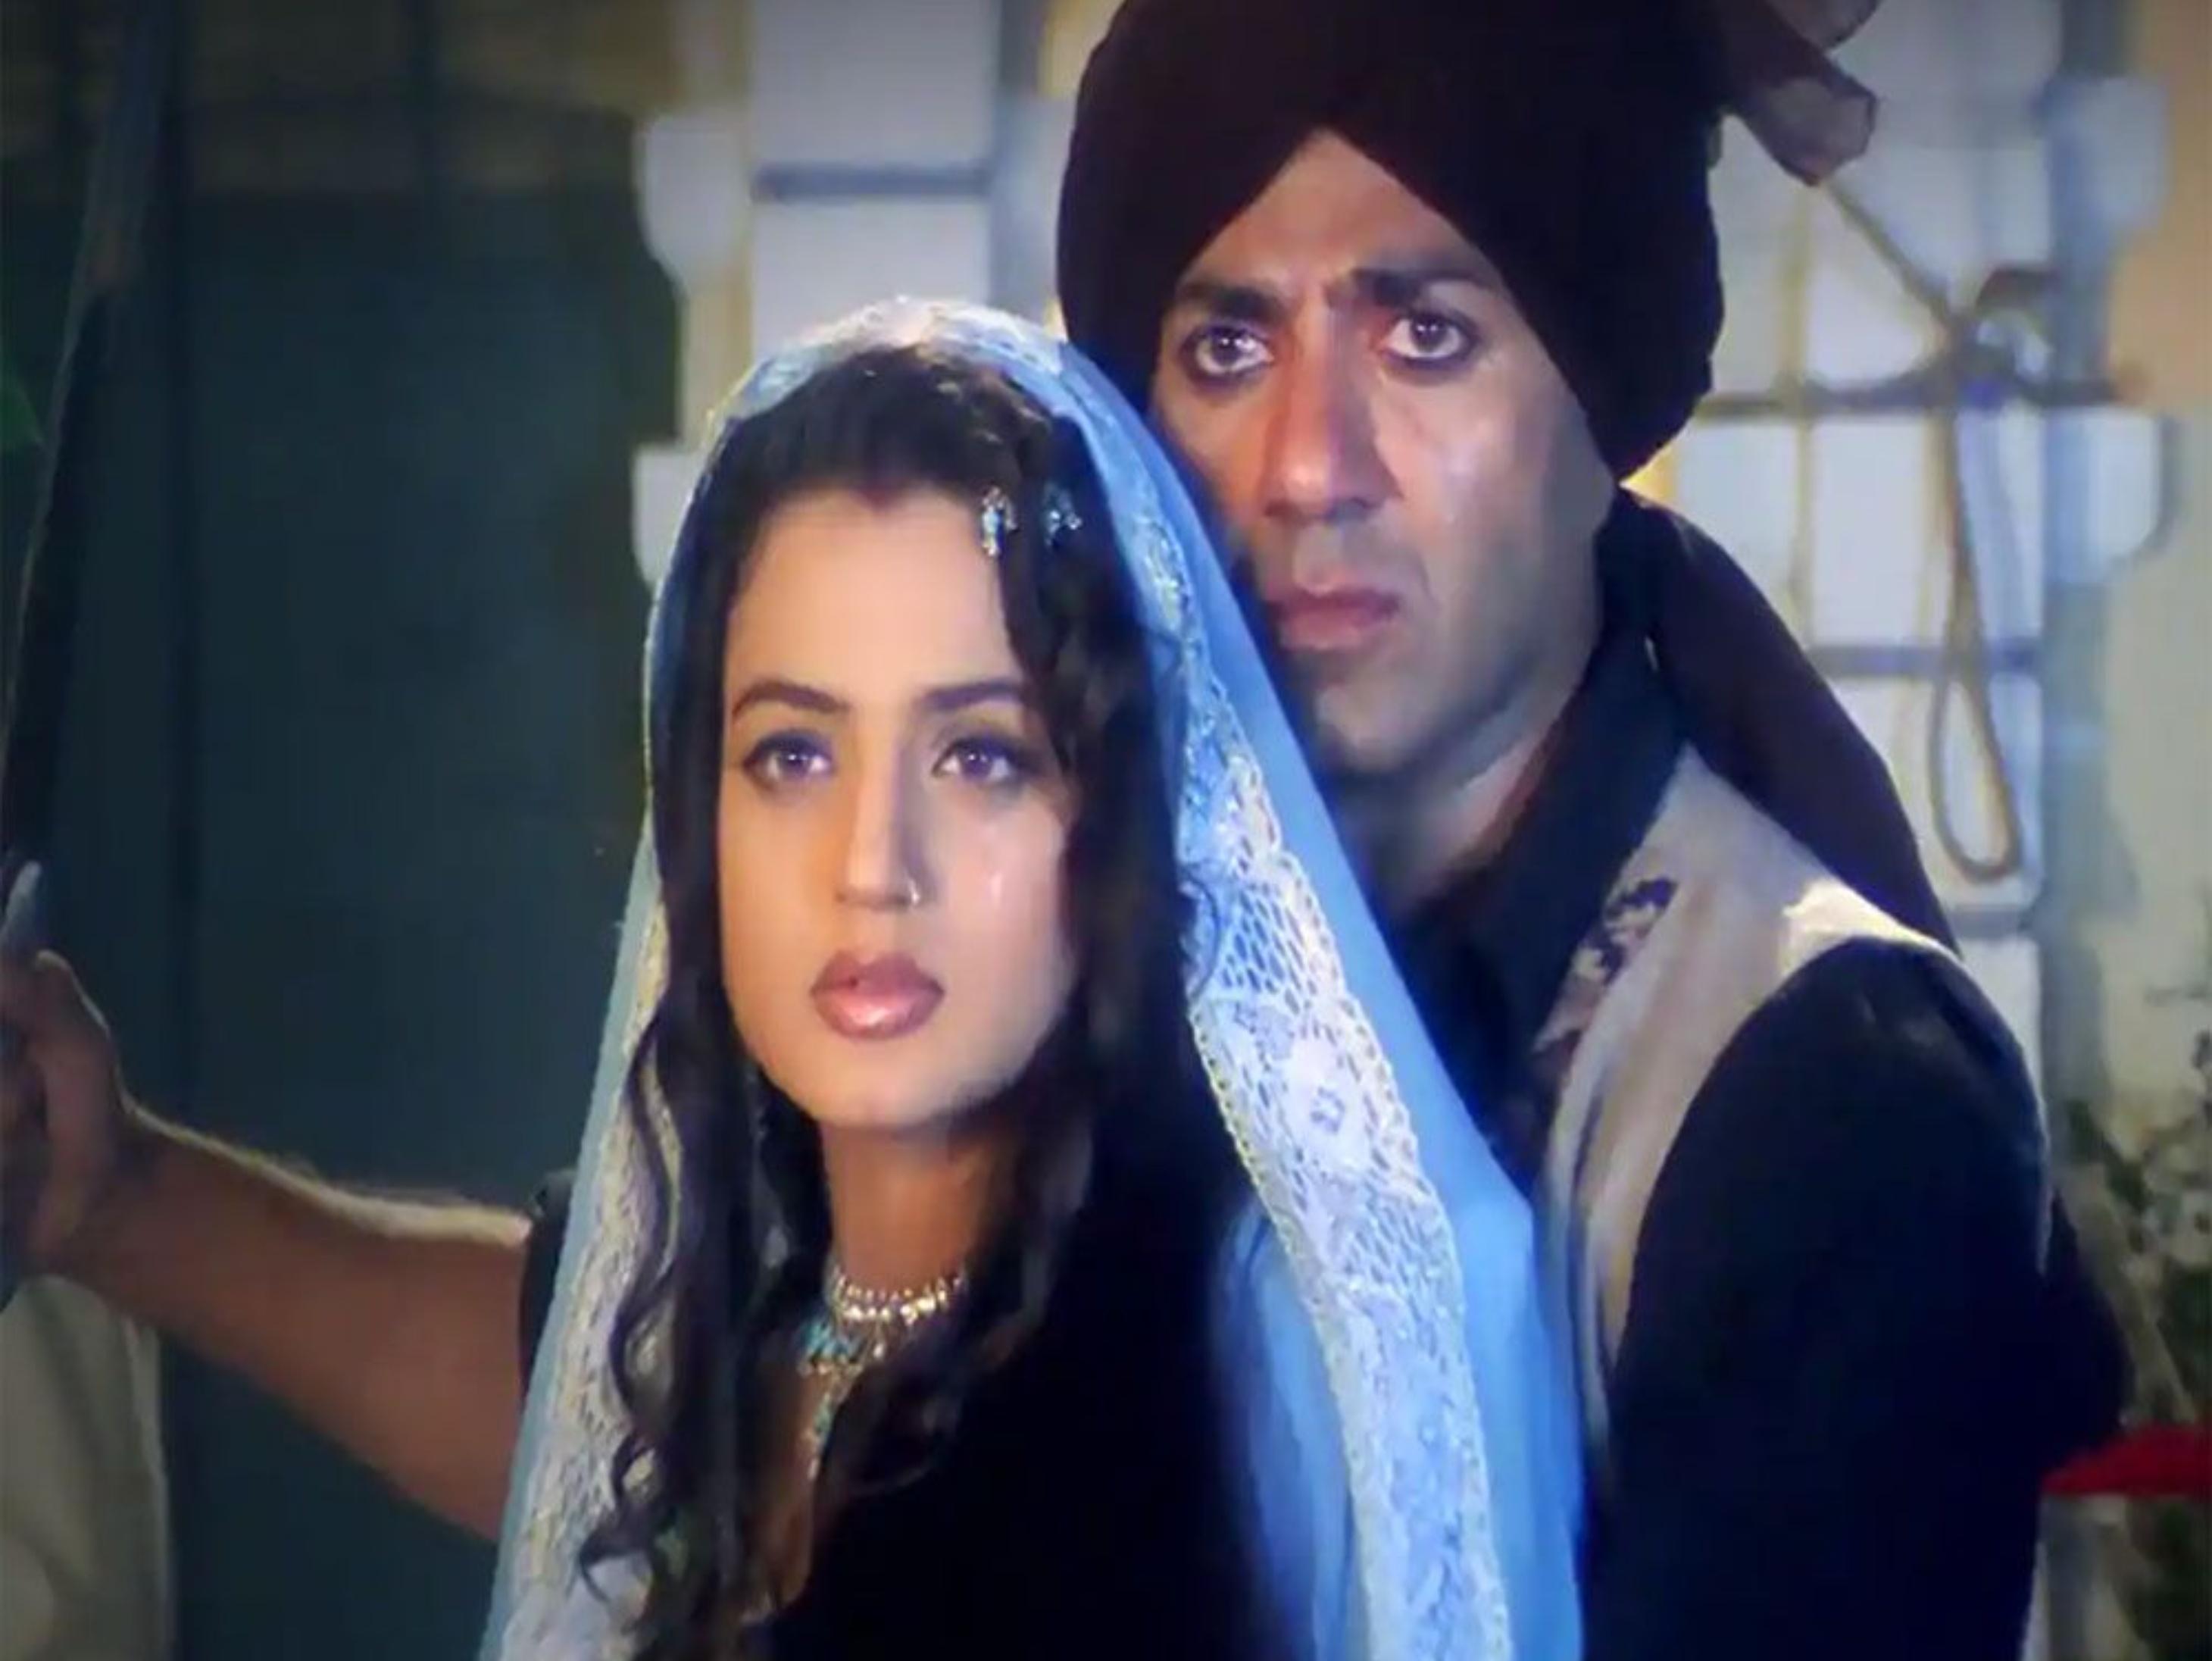 नवंबर से फ्लोर पर जाएगी सनी देओल-अमीषा पटेल की 'गदर-2', आदित्य चोपड़ा ने ठुकराया OTT प्लेटफॉर्म से मिला 400 करोड़ का ऑफर बॉलीवुड,Bollywood - Dainik Bhaskar